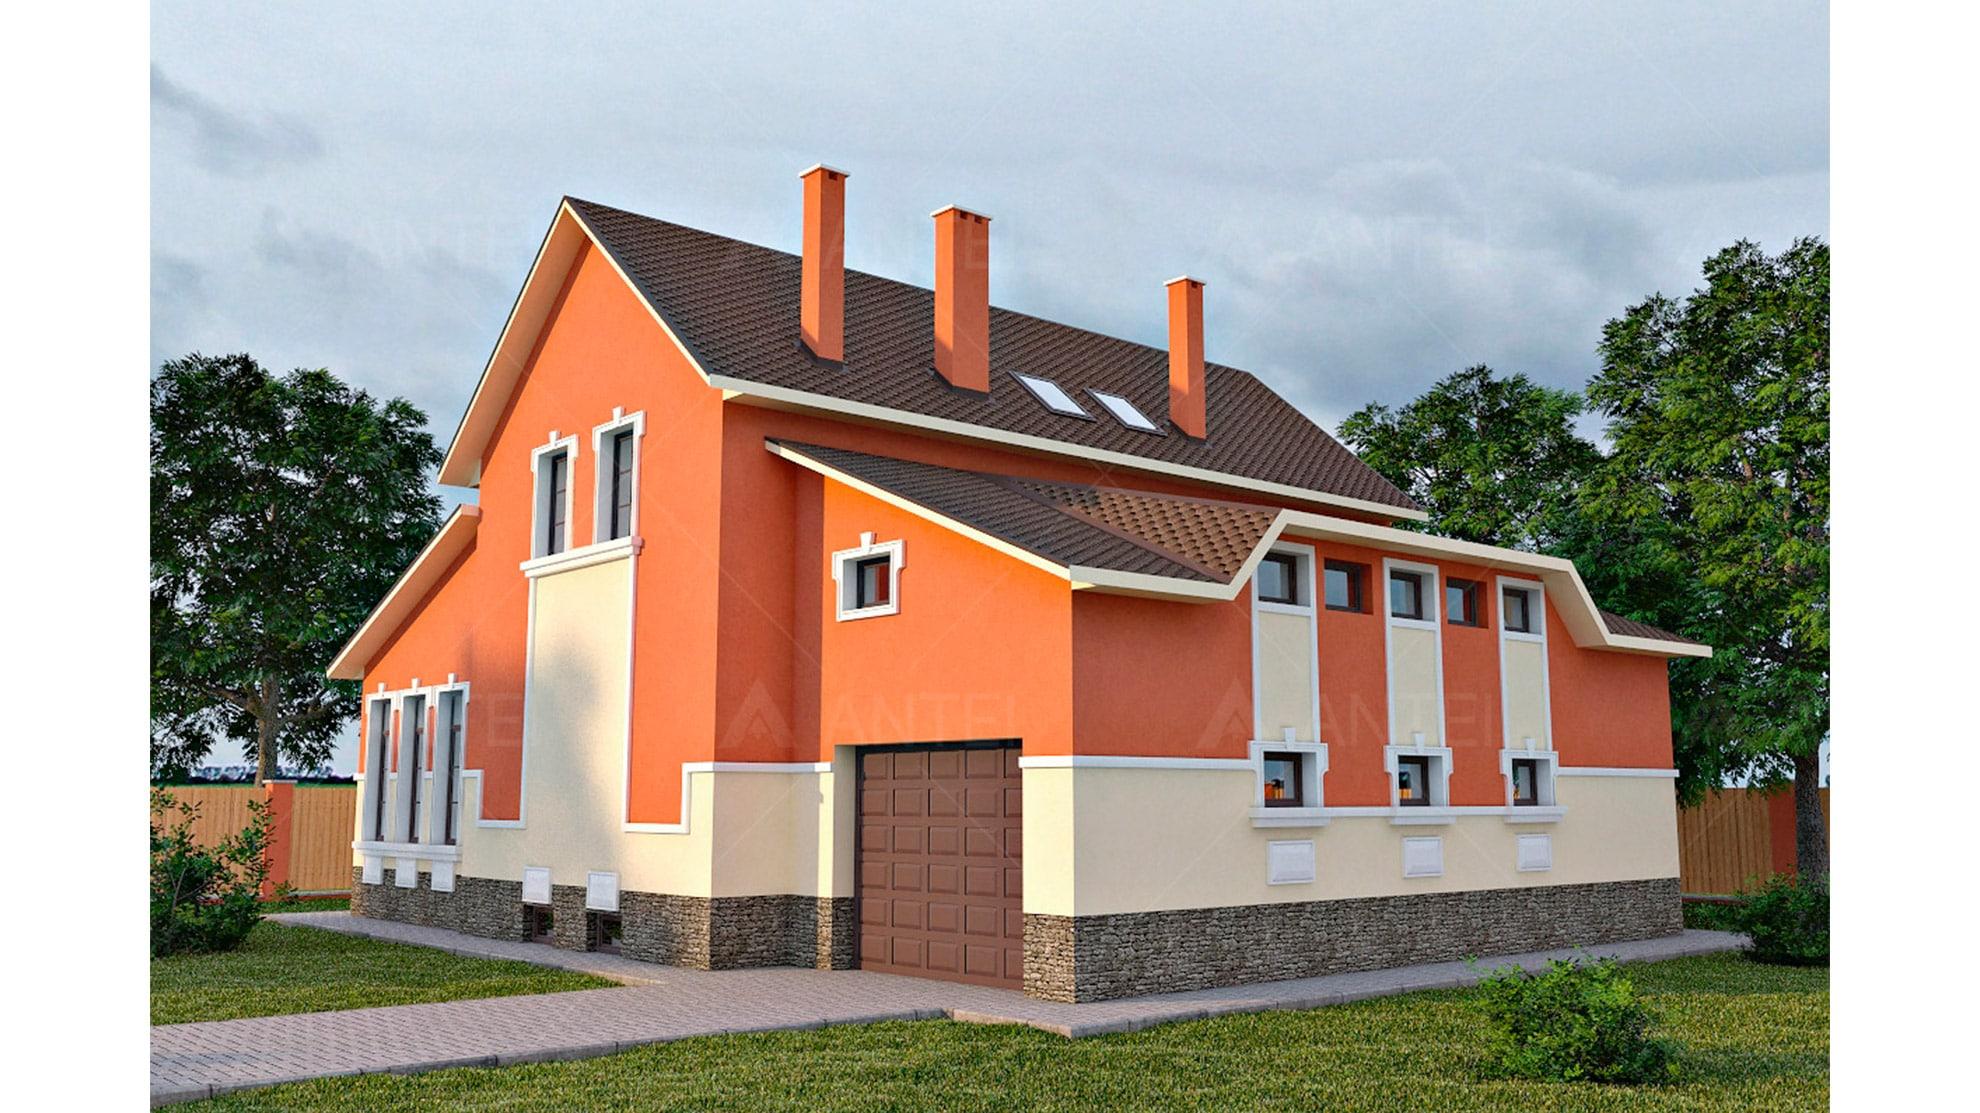 Проект мансардного дома с гаражом, подвалом, верандой «КМ-41» - фото №2